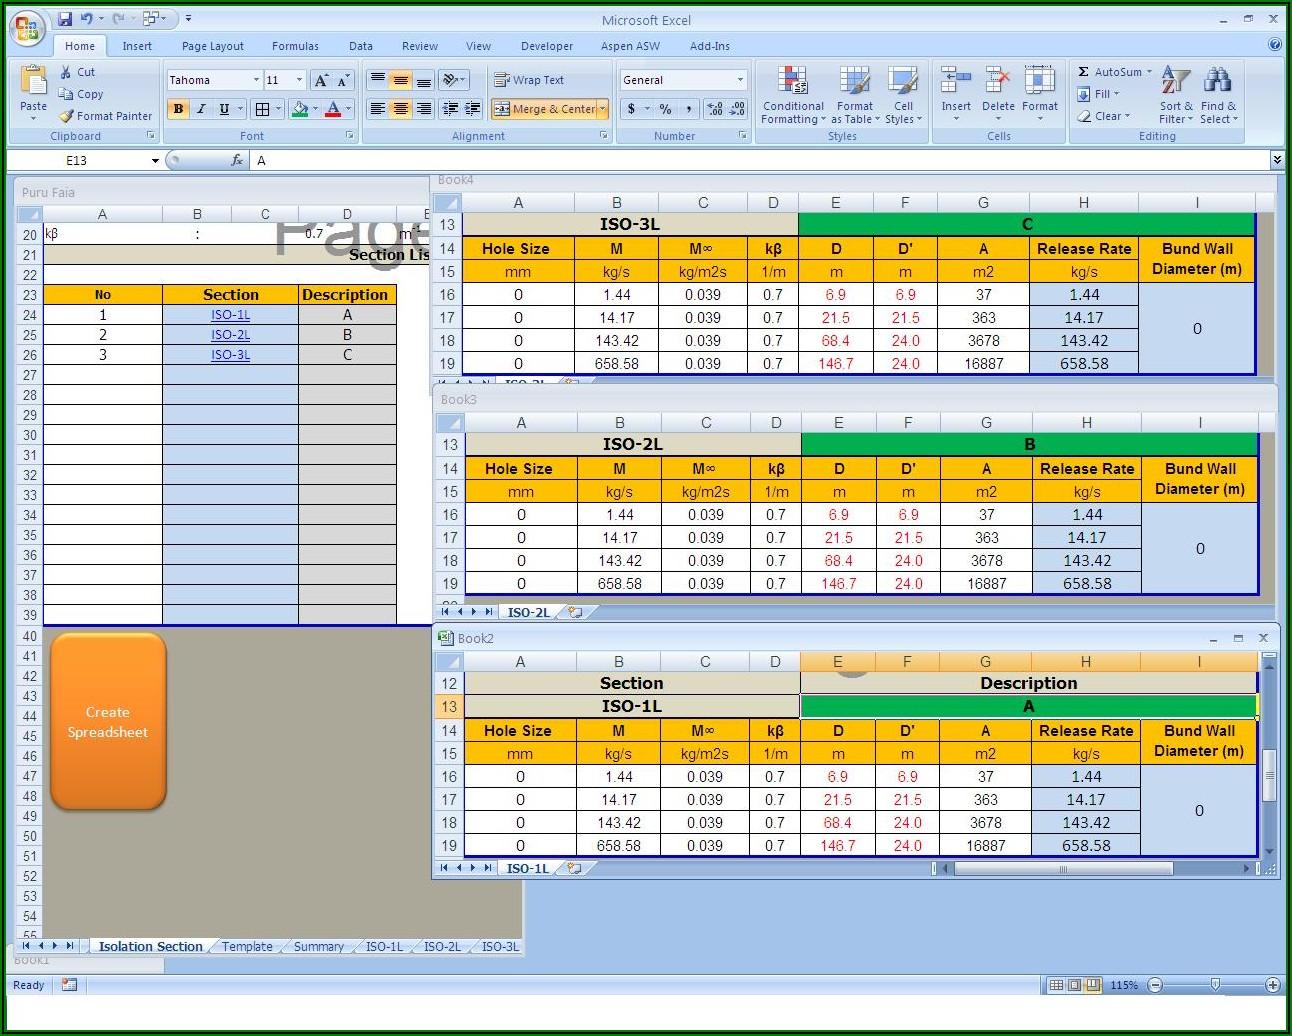 Vba Create New Worksheet And Paste Data